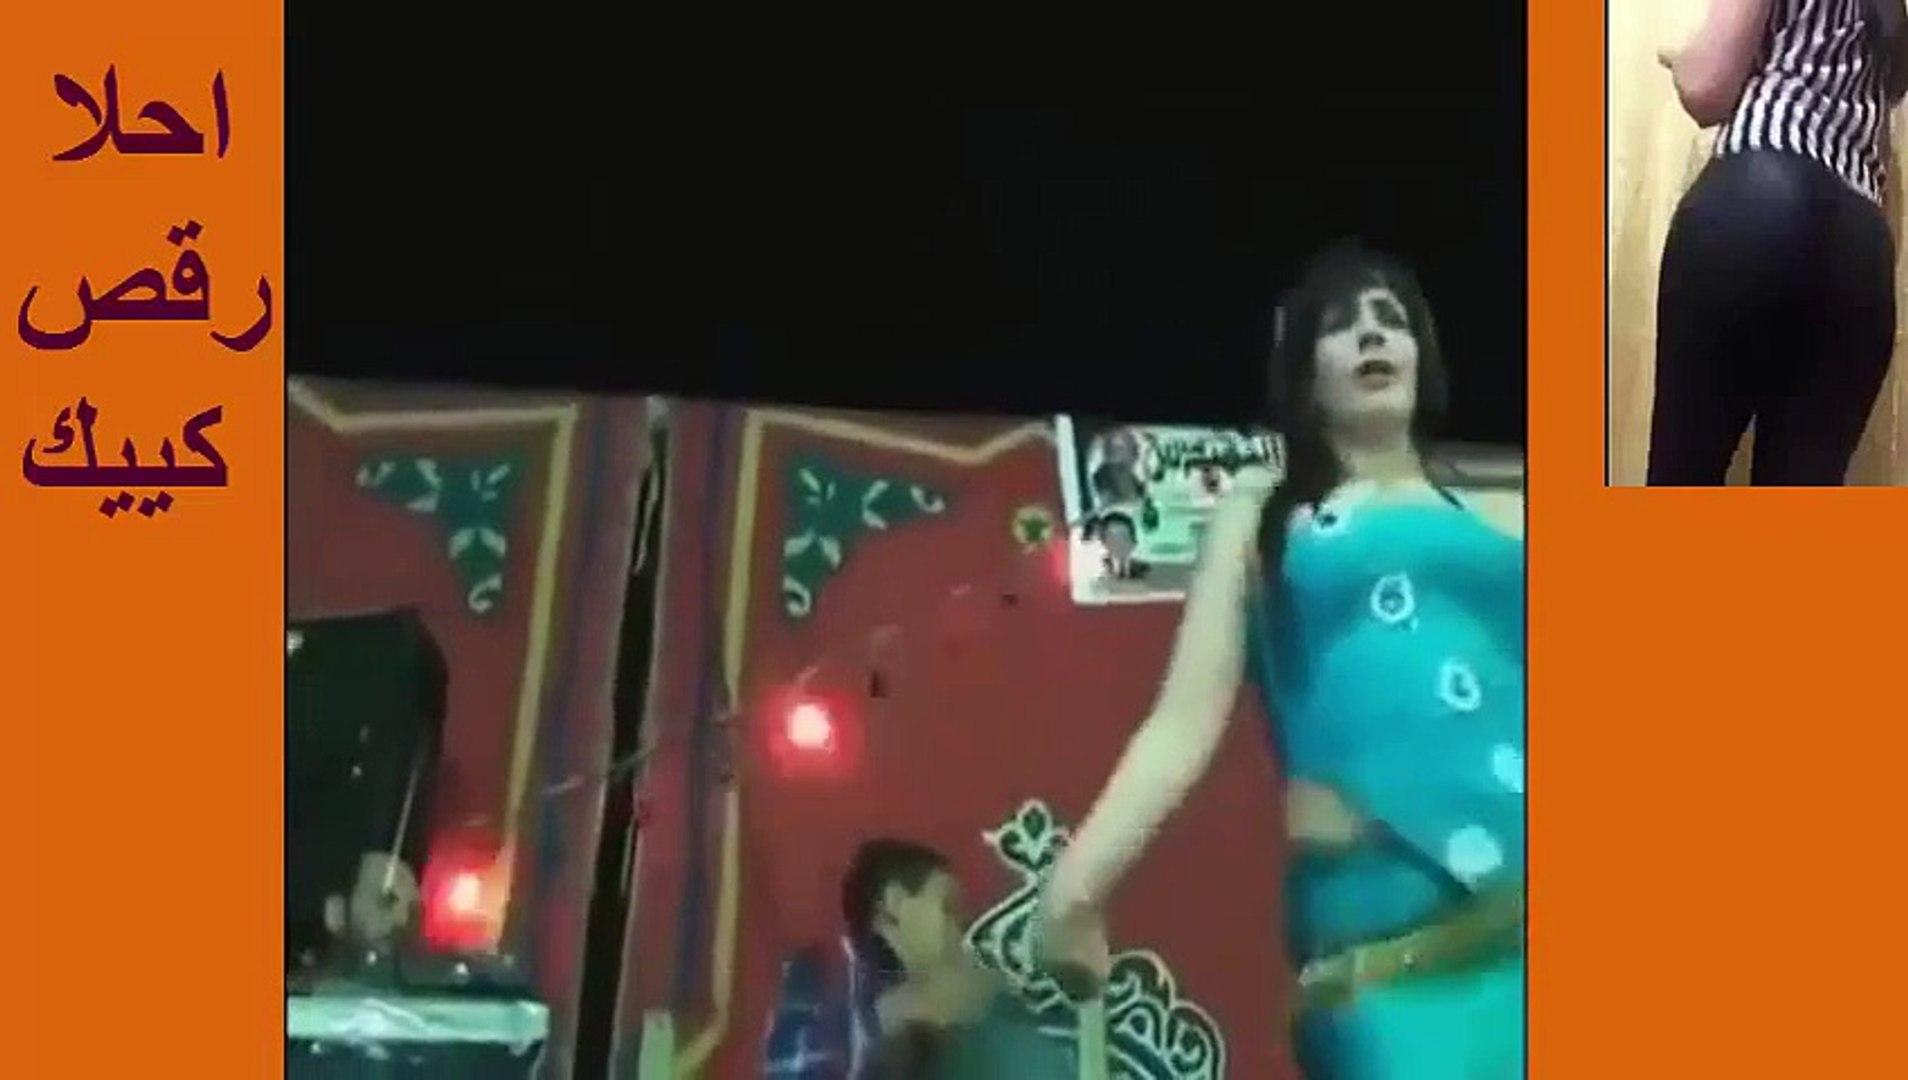 احلاا رقص كييك _ رقص بنات ساخن رقص سعودي خليجي بمكواة صاروخ KEEK ARAB 2015 _005